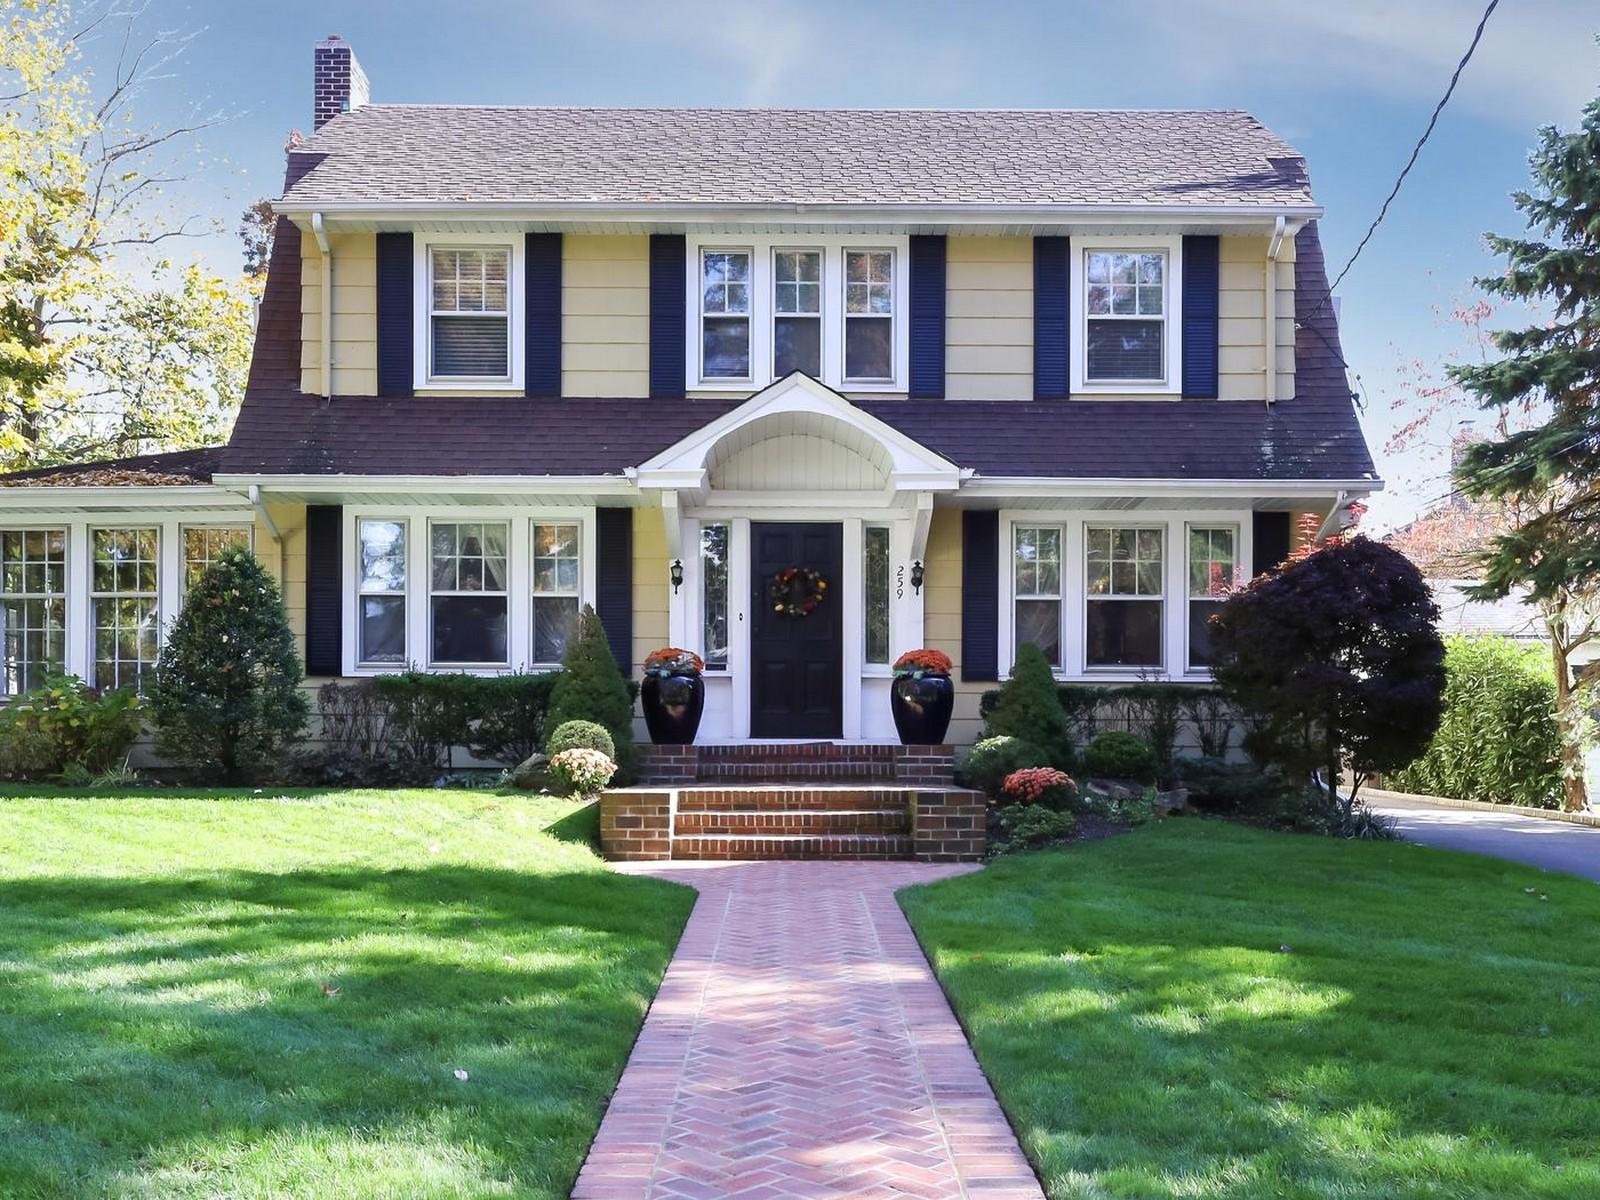 独户住宅 为 销售 在 Spacious Center Hall Colonial 259 Hempstead Ave 罗克韦尔市, 纽约州 11570 美国